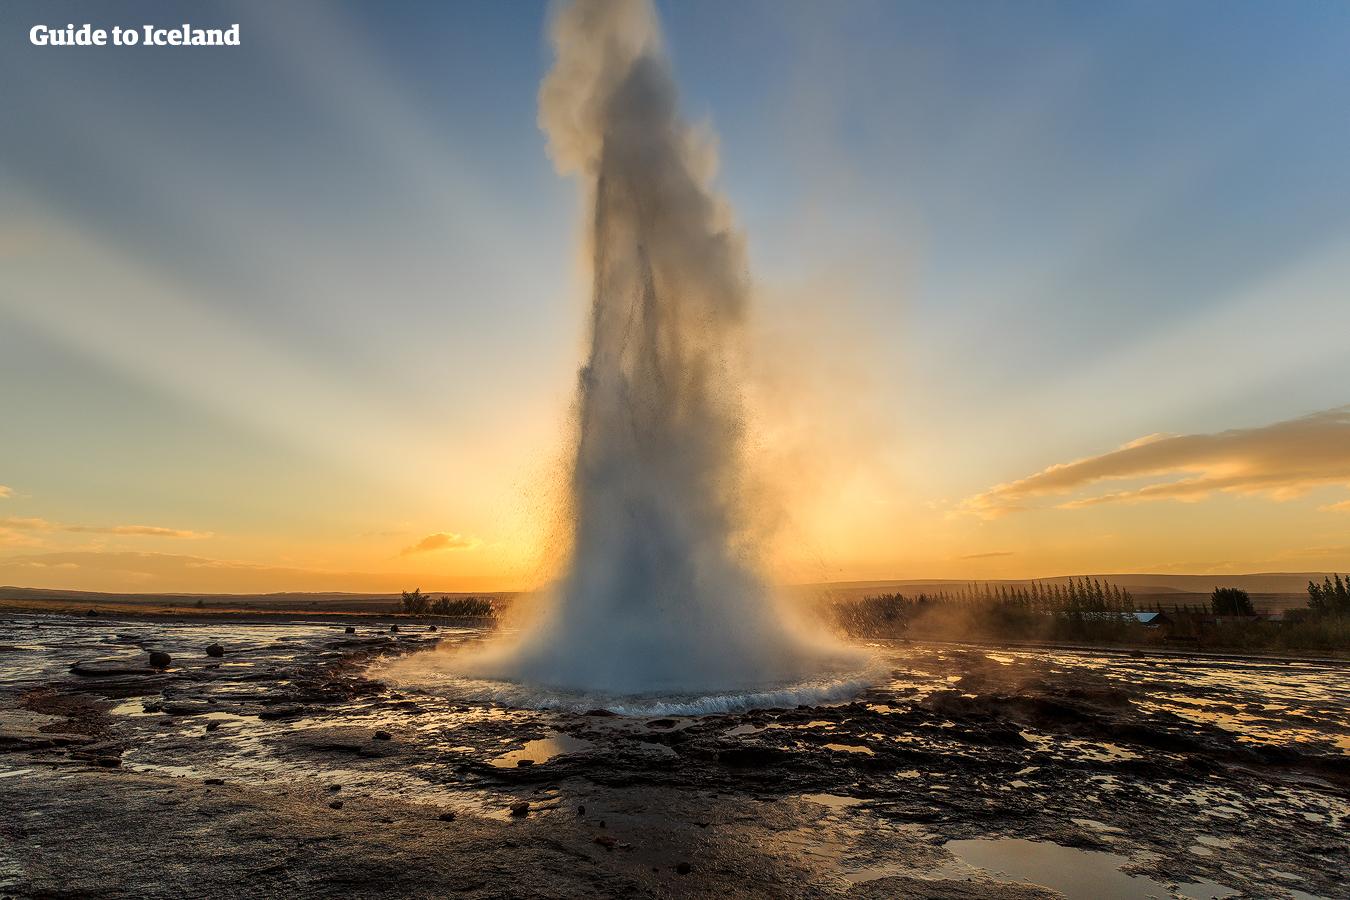 여름철 아이슬란드는 해가 지지 않으므로, 늦은 밤도 환한 불빛 아래에서 렌트카로 골든써클을 여행할 수 있습니다.